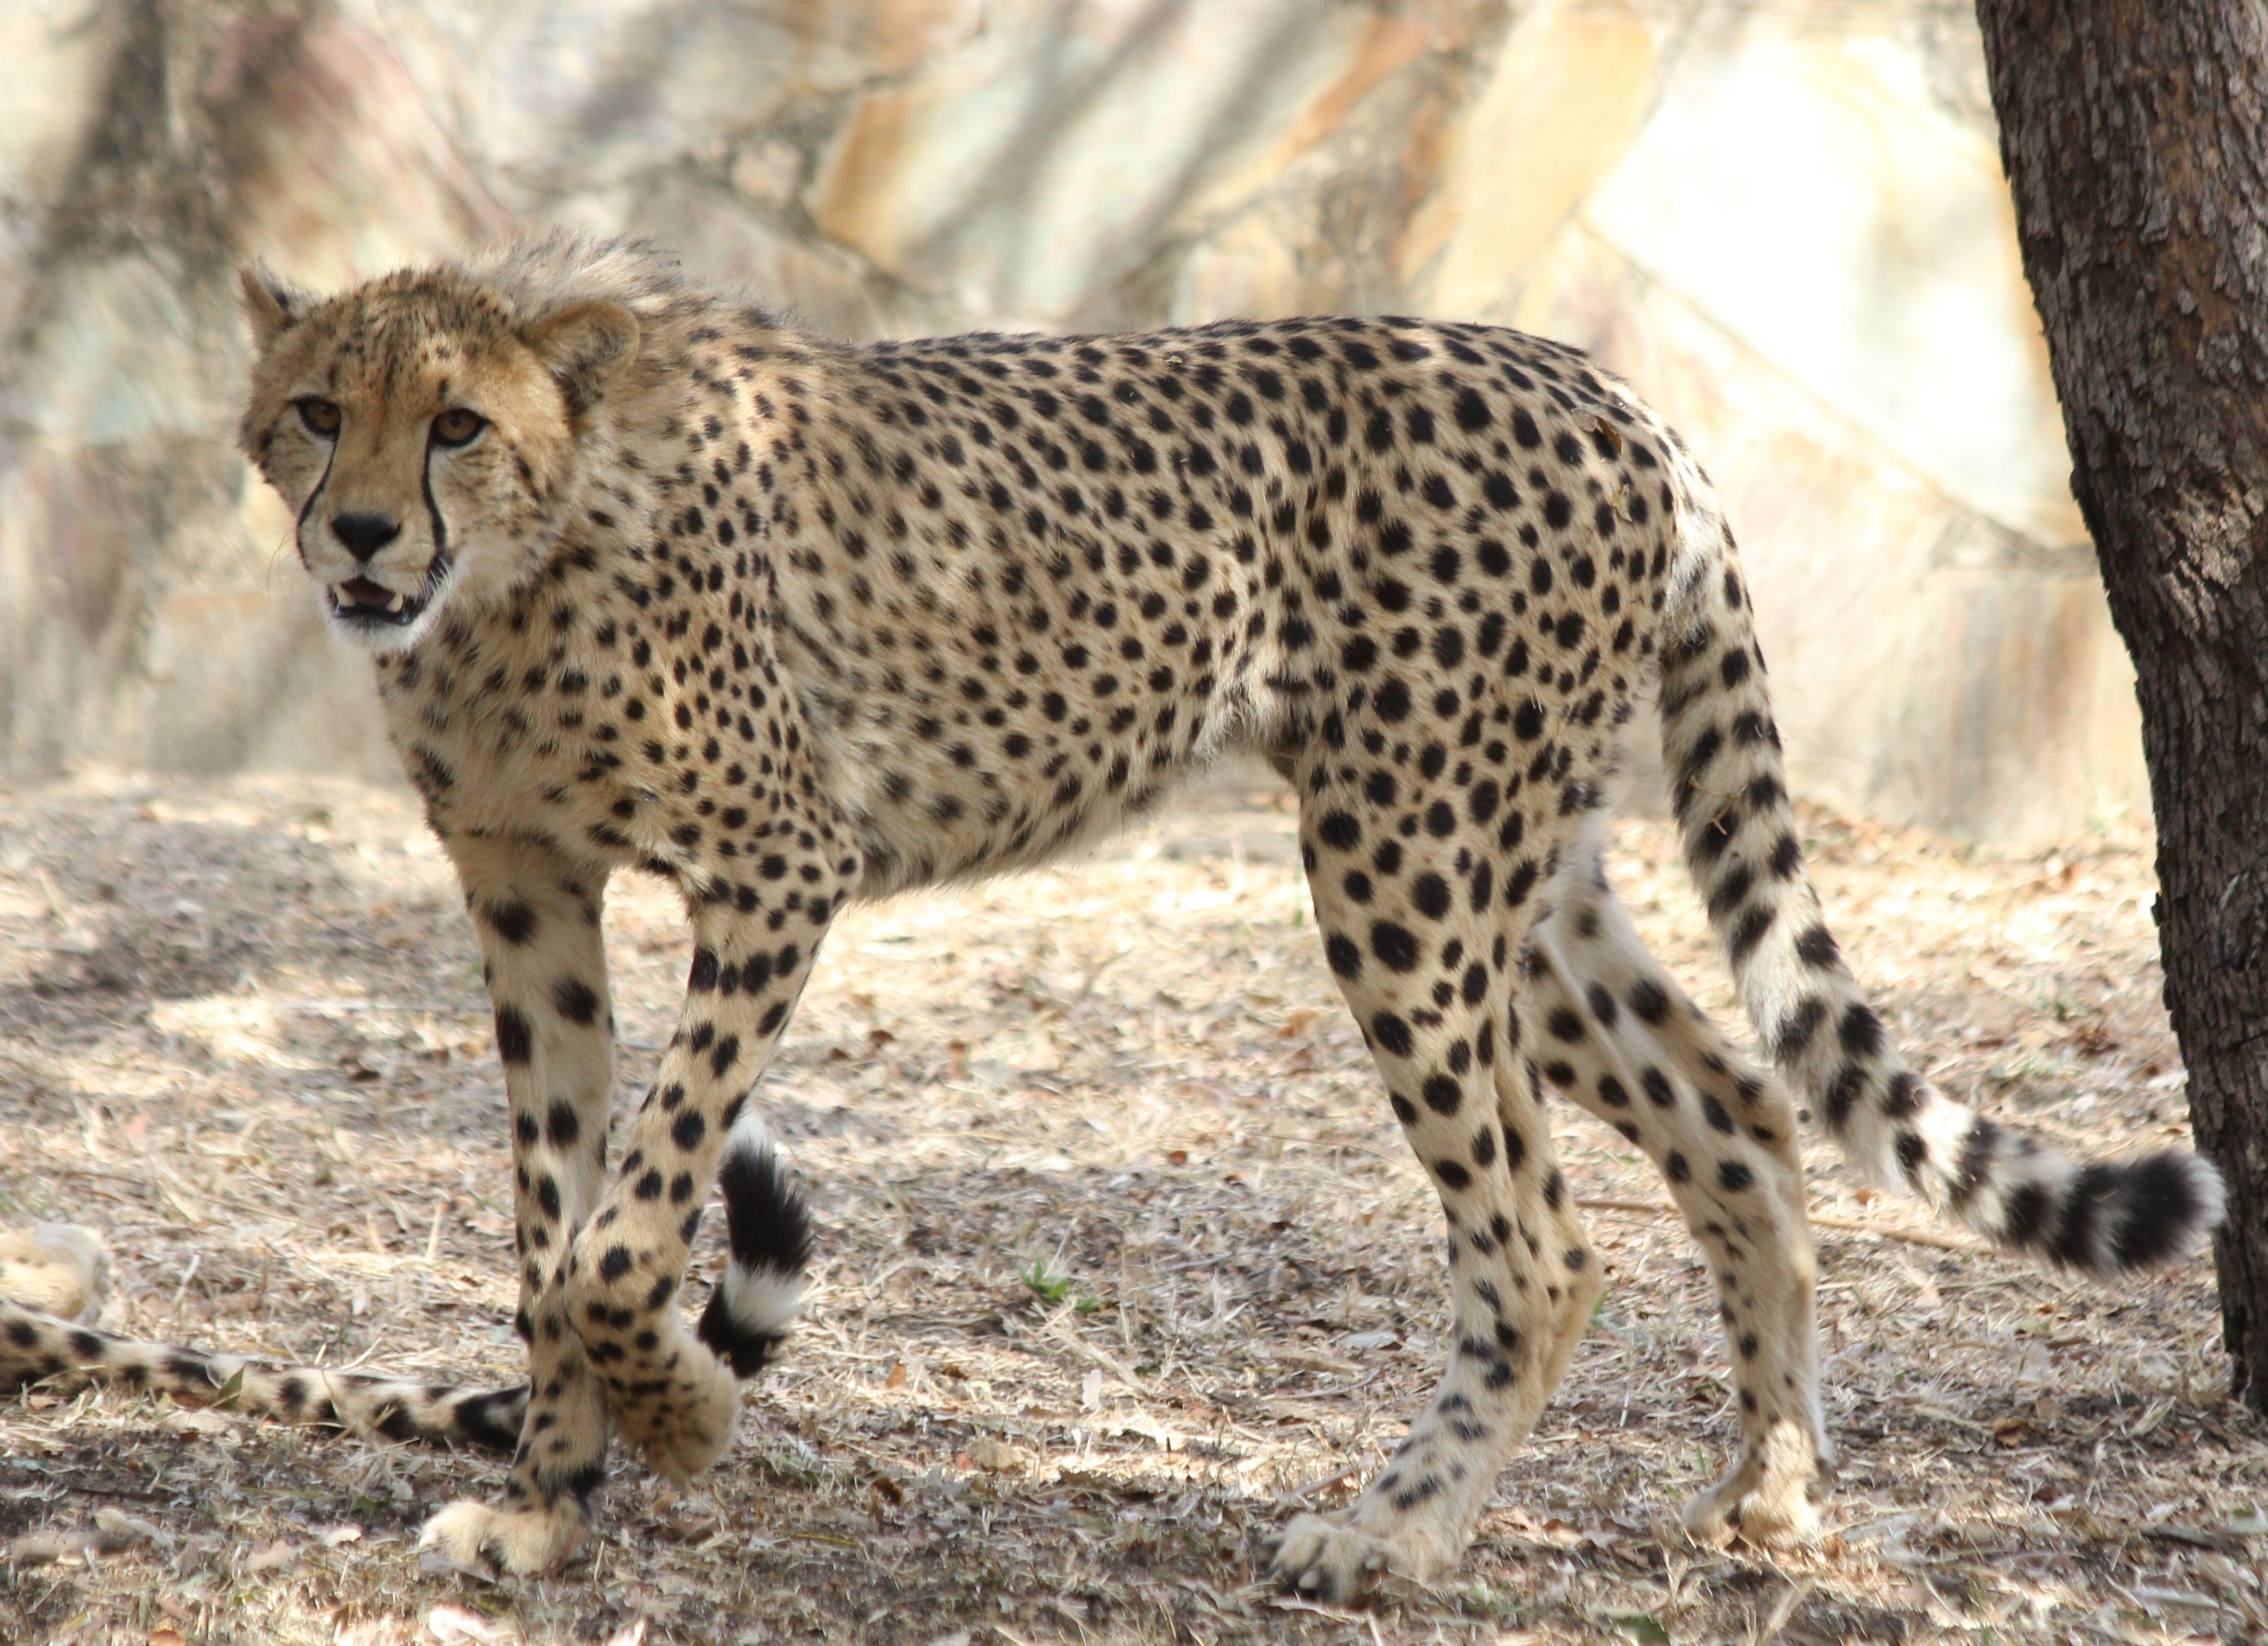 Cheetah photo taken at the hoedspruit endangered species